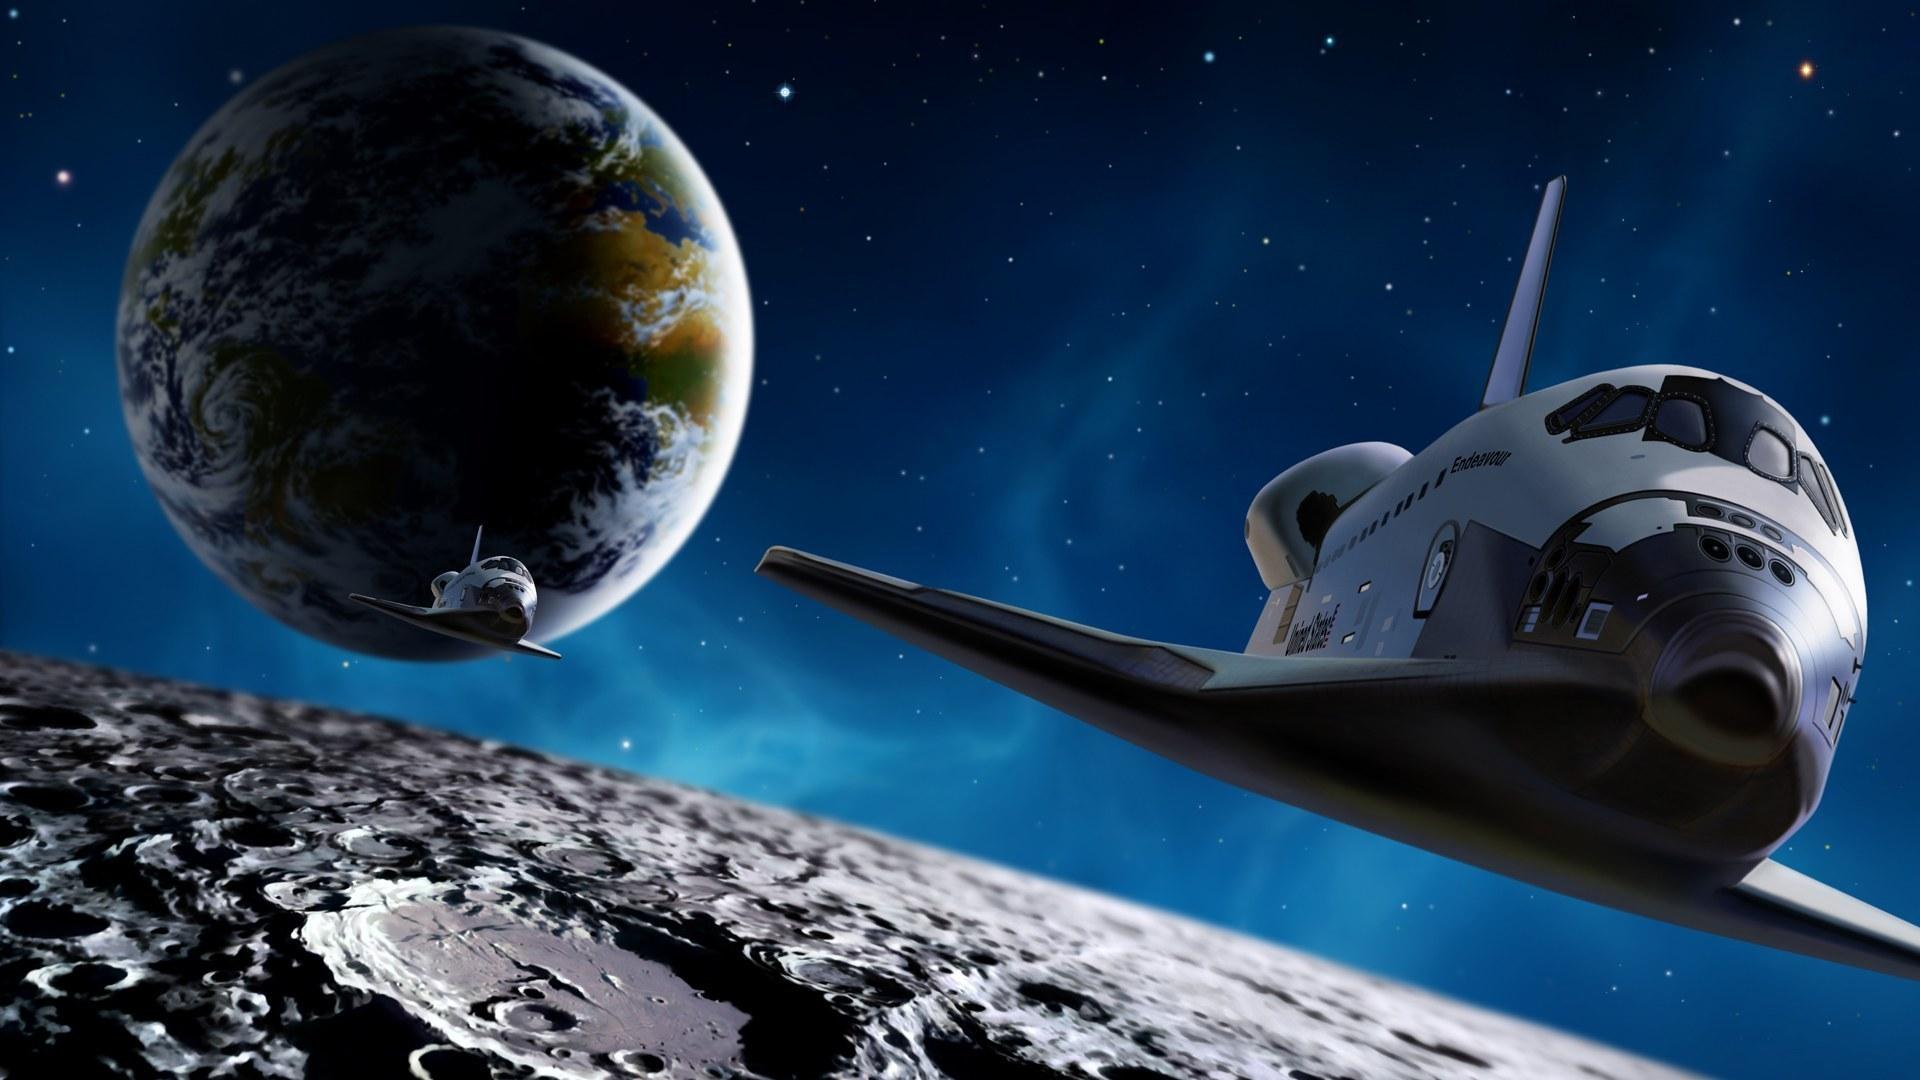 Обои космос планета корабль картинки на рабочий стол на тему Космос - скачать  № 3125464 загрузить